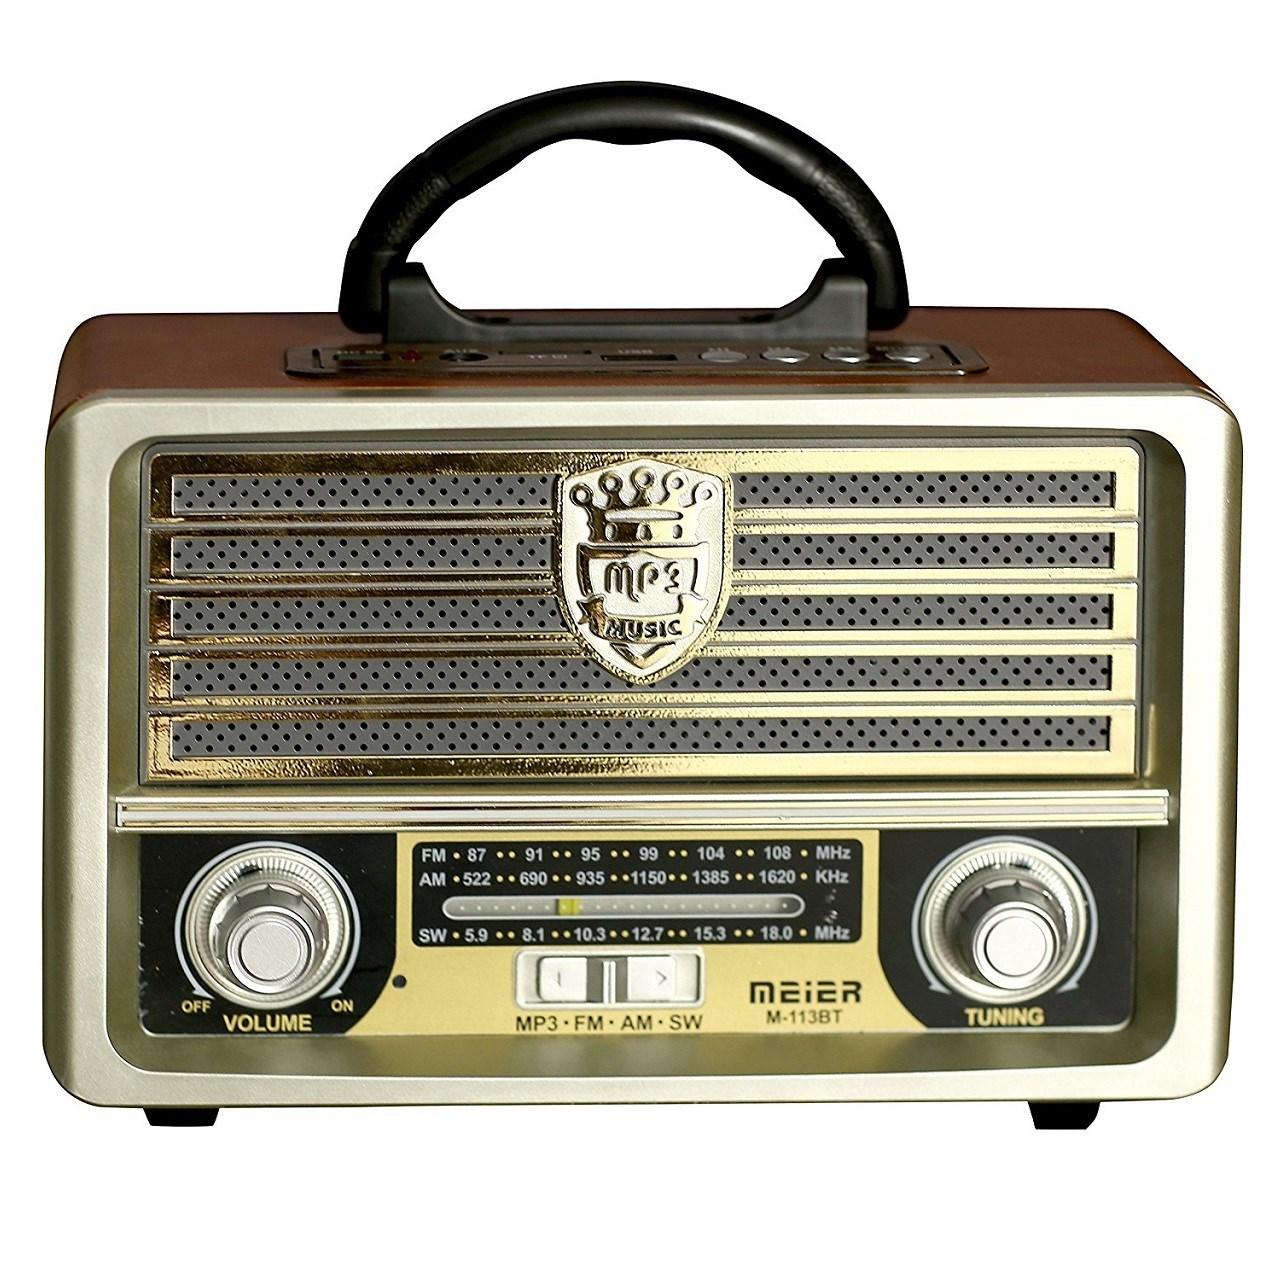 رادیو مییر مدل M-113BT